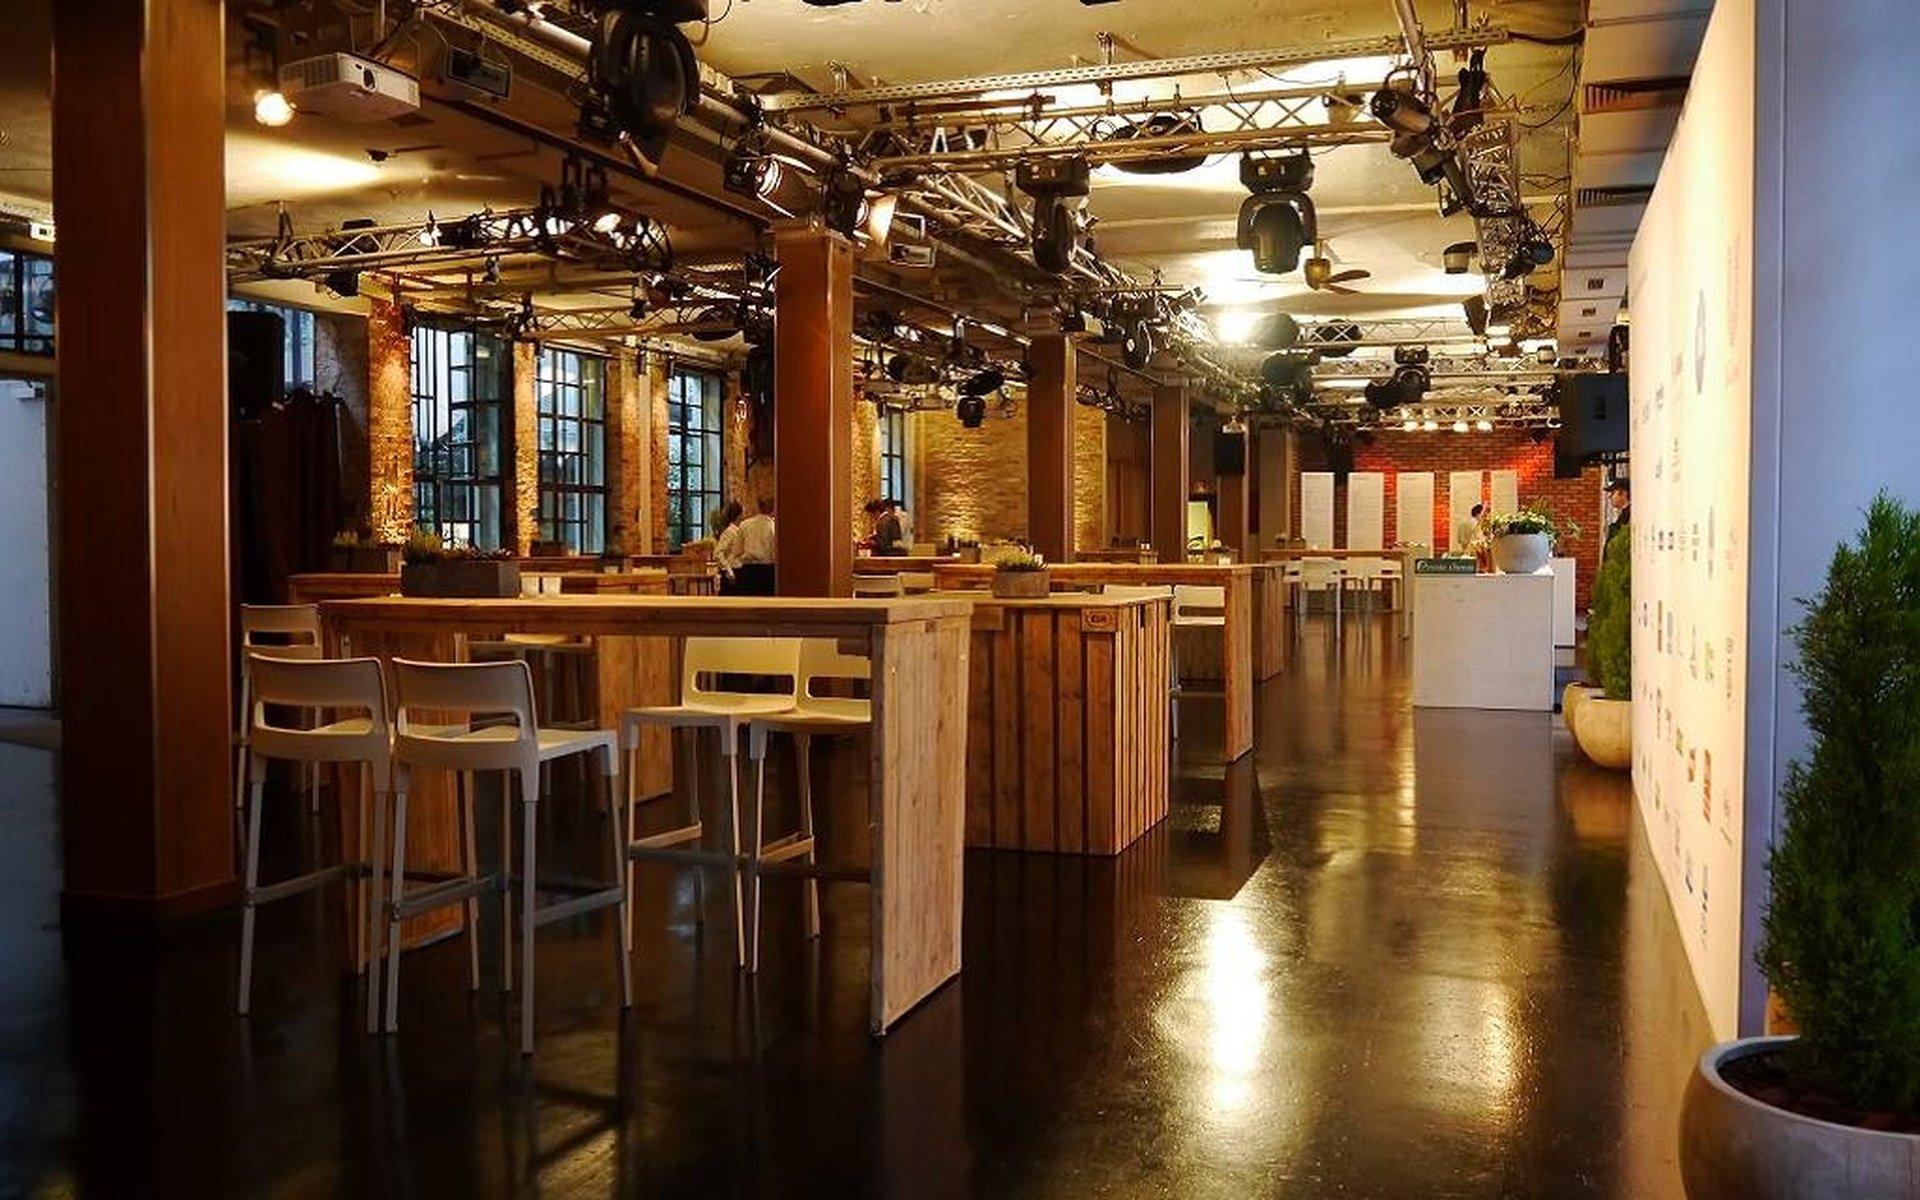 Berlin corporate event venues Party room Kalkscheune - Der Saal image 0